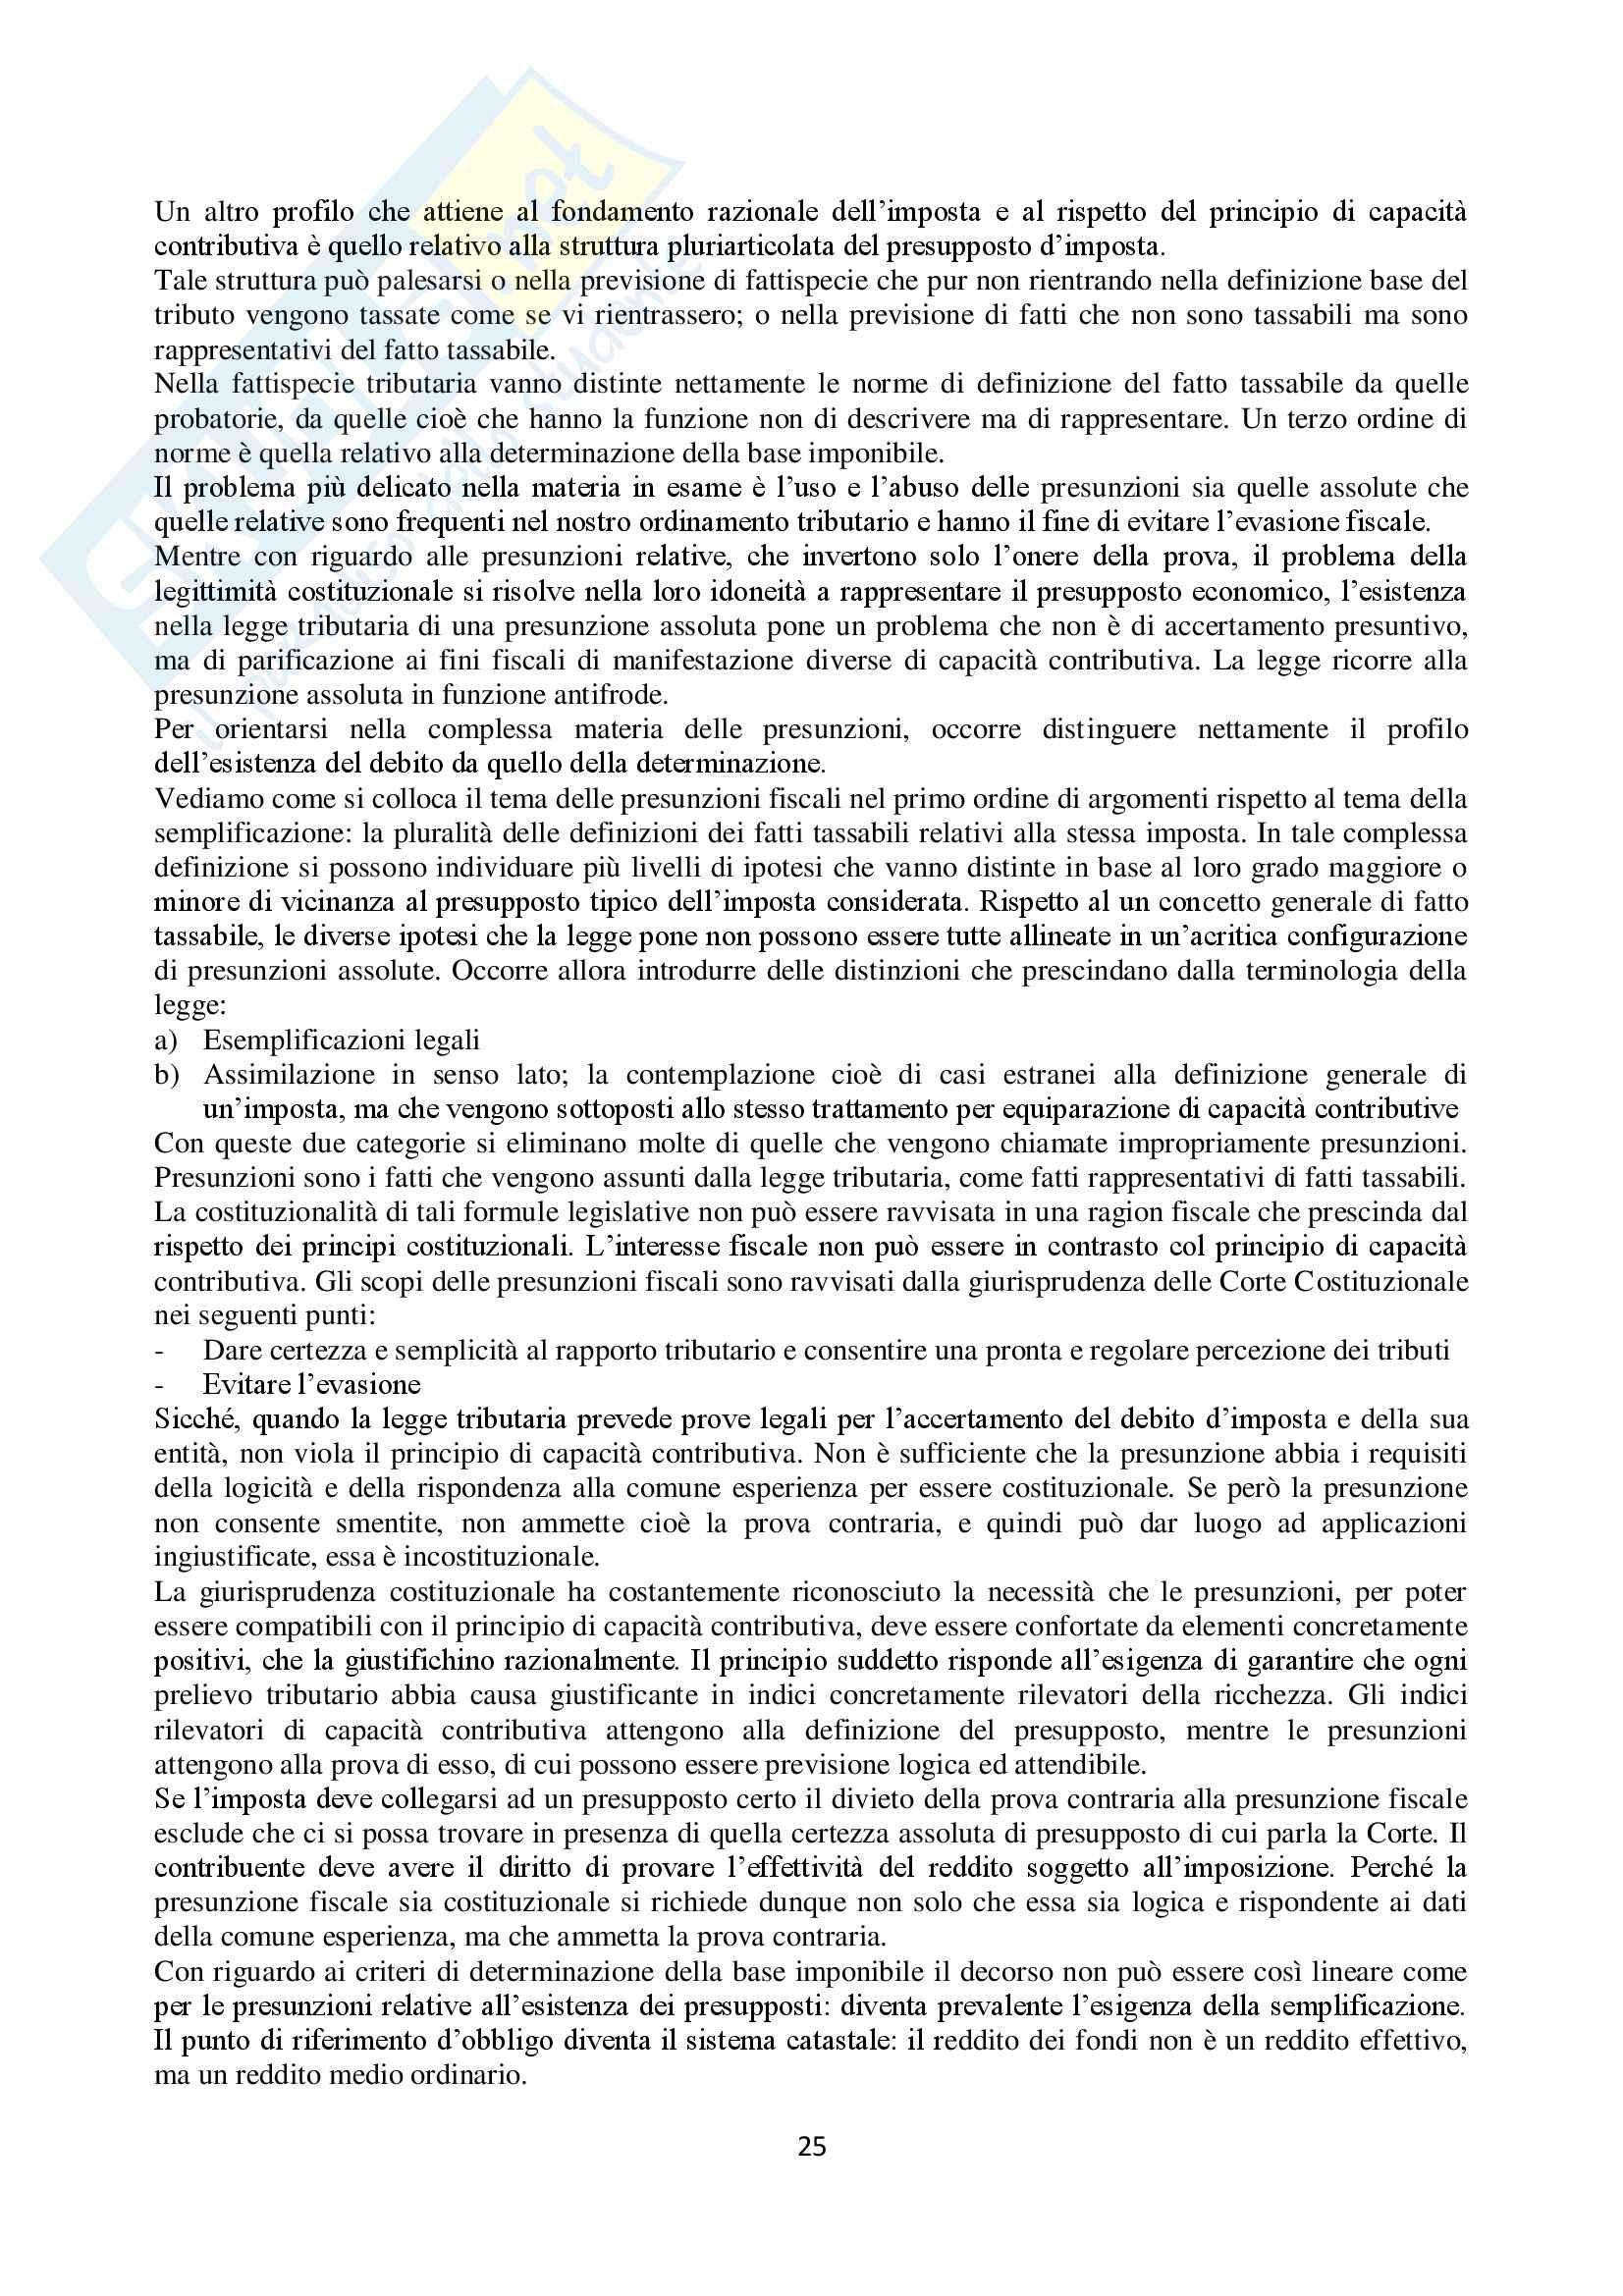 Appunti Diritto Tributario Pag. 26